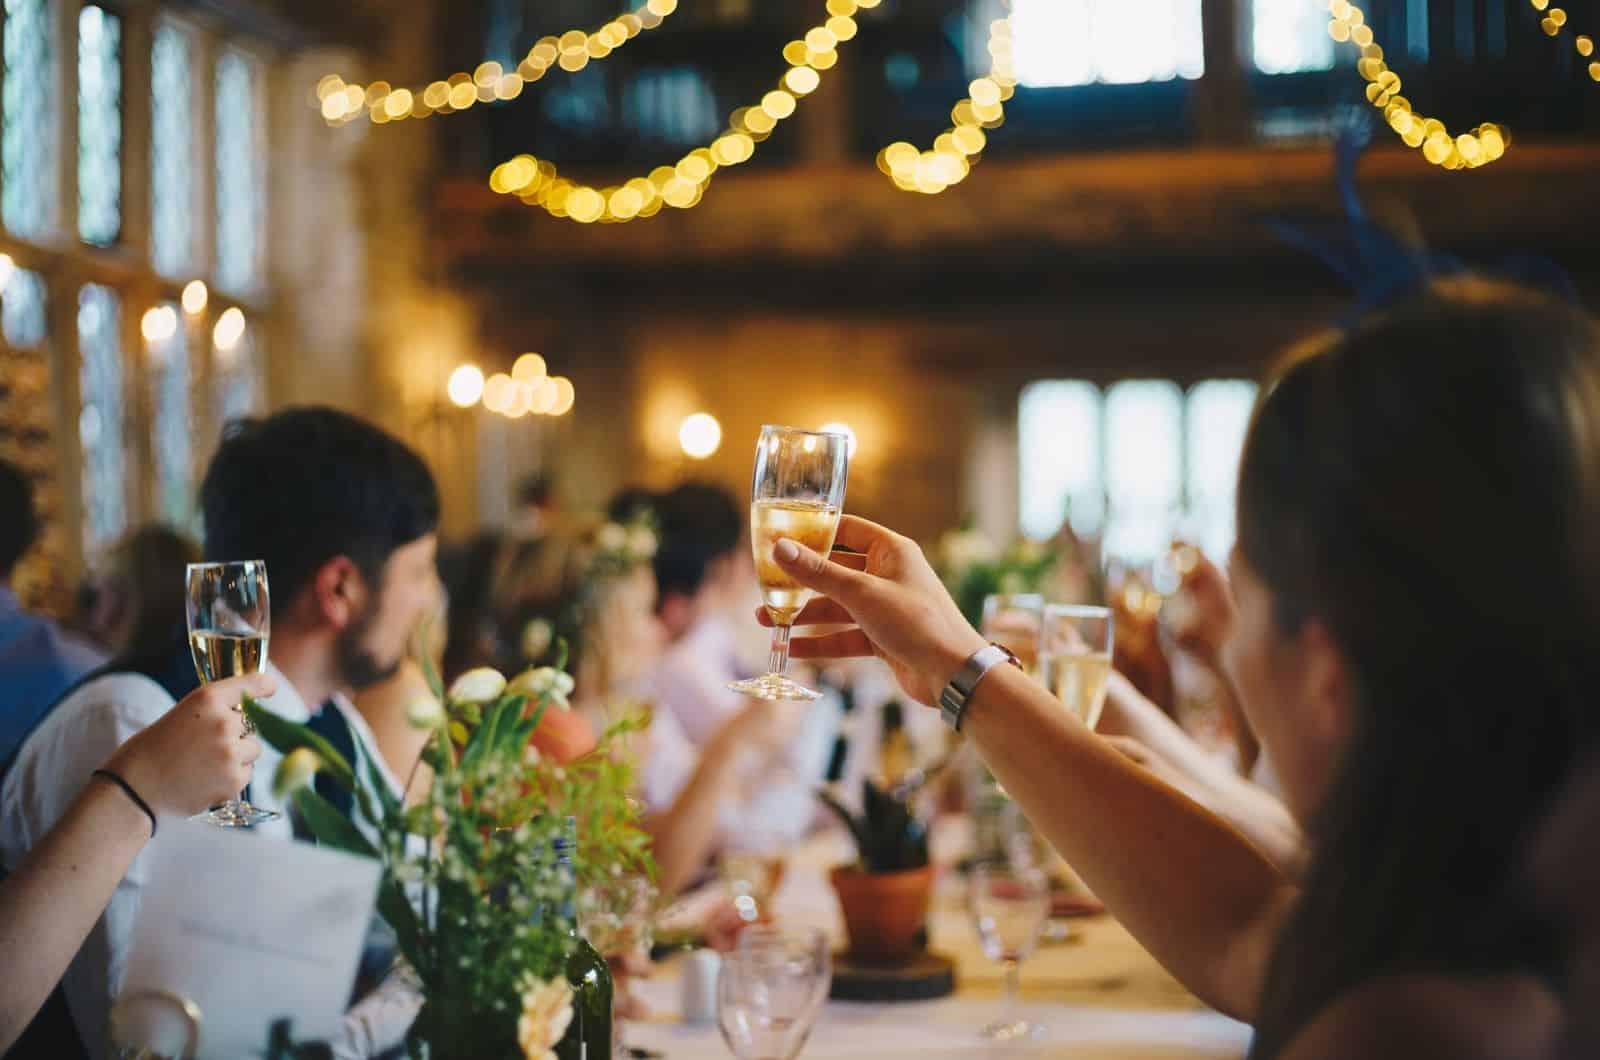 Leute, die auf der Hochzeitsfeier anstoßen